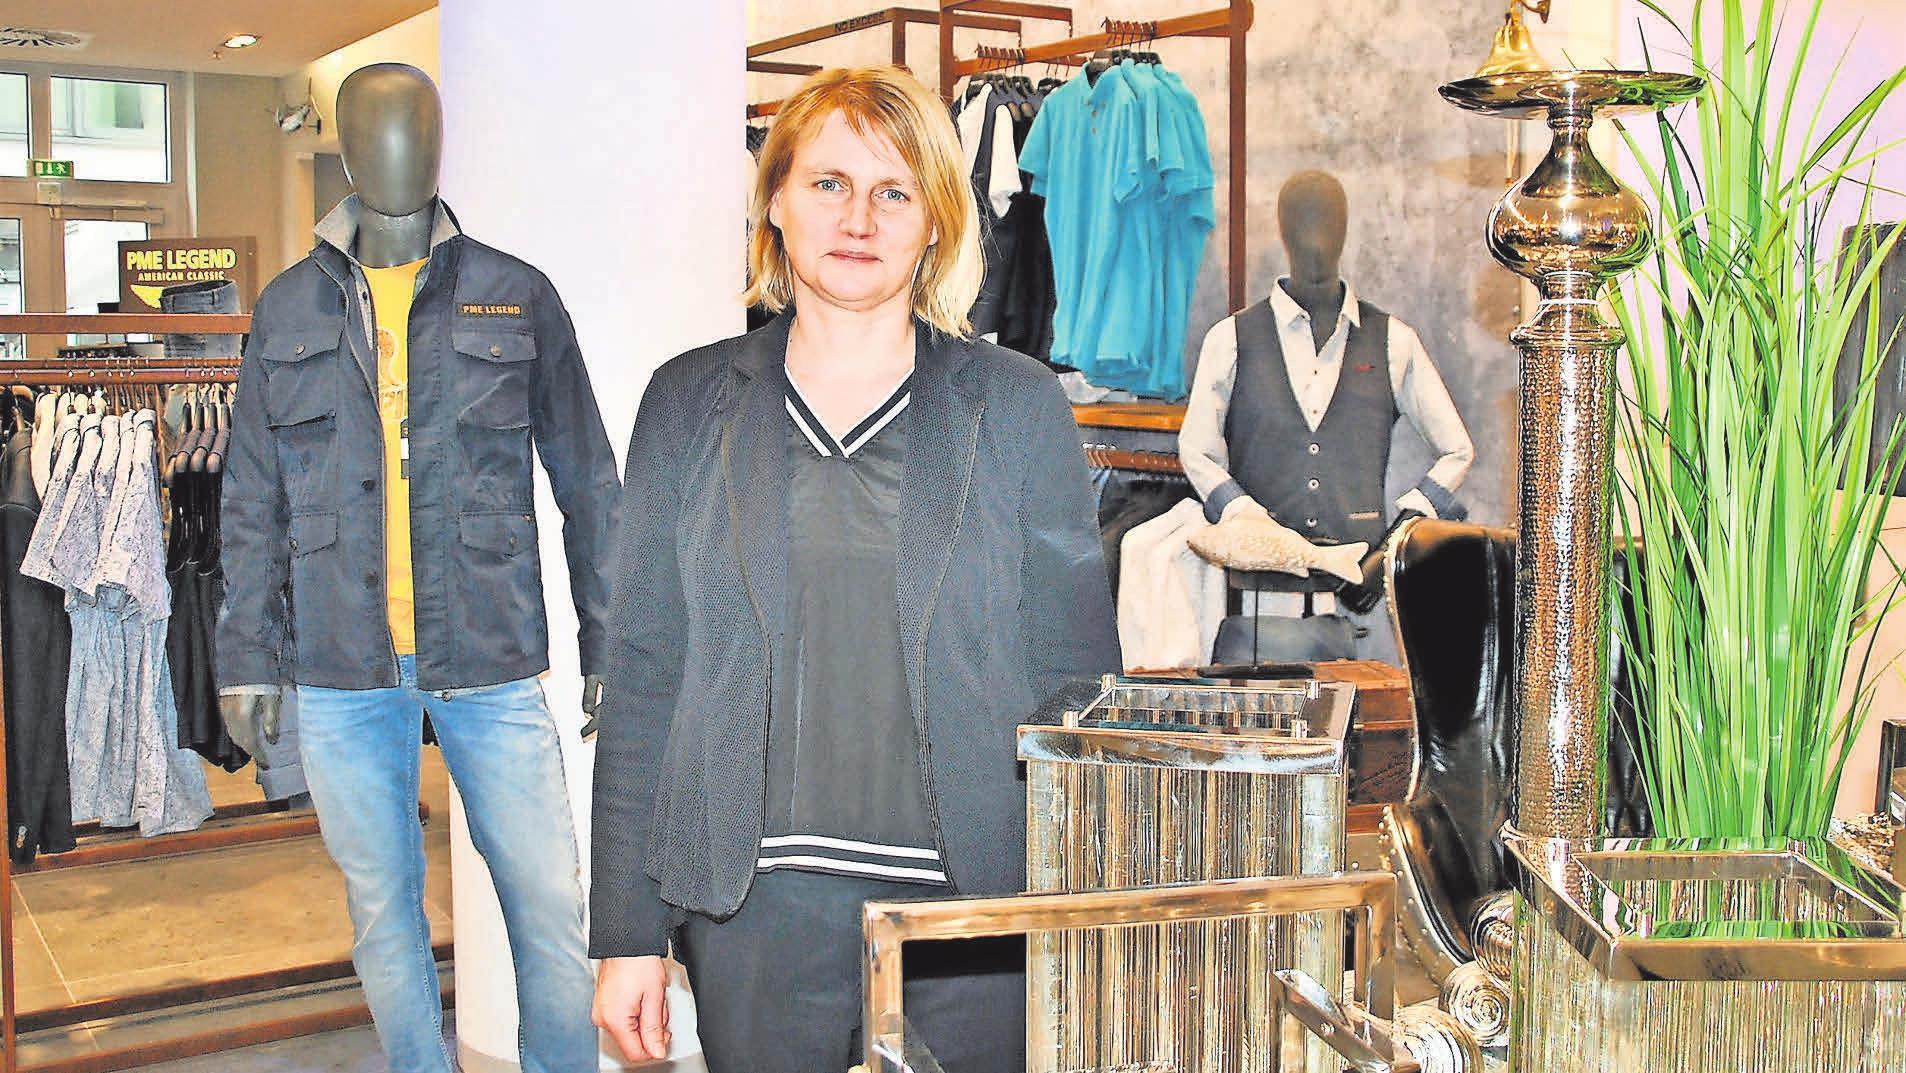 """Diane Nikolaus in dem neuen Geschäft """"Fliegende Fische 2.0"""" im Rostocker Hof. FOTO: ANETTE PRÖBER"""